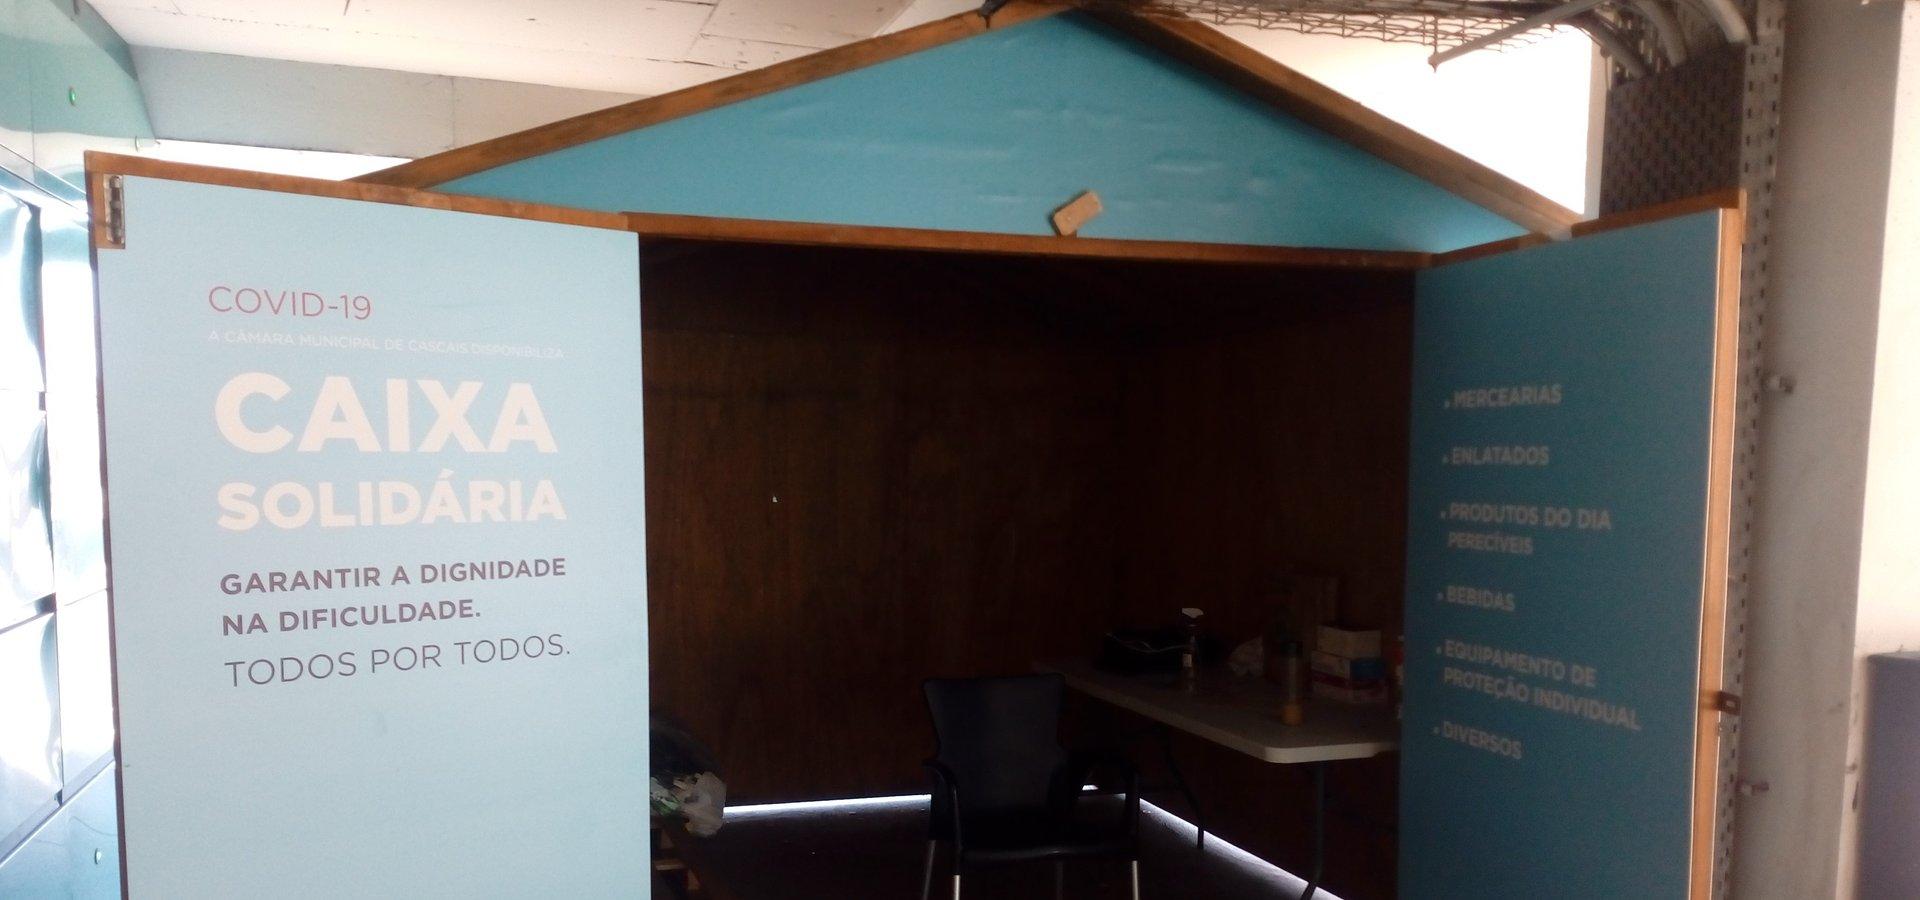 CascaiShopping recebe Casa Solidária de apoio à comunidade